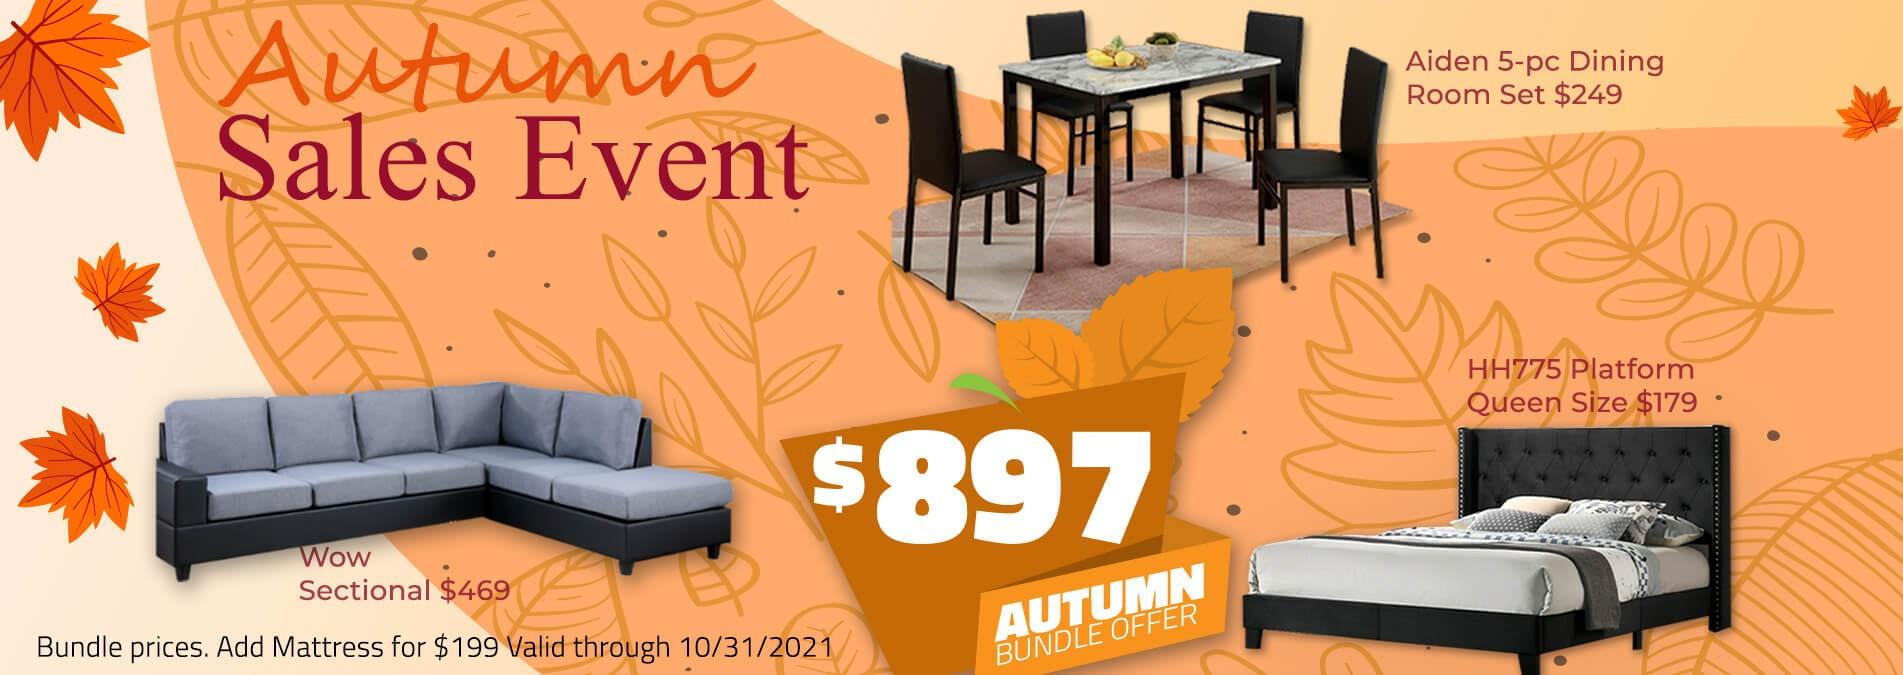 Autumn Sales Event